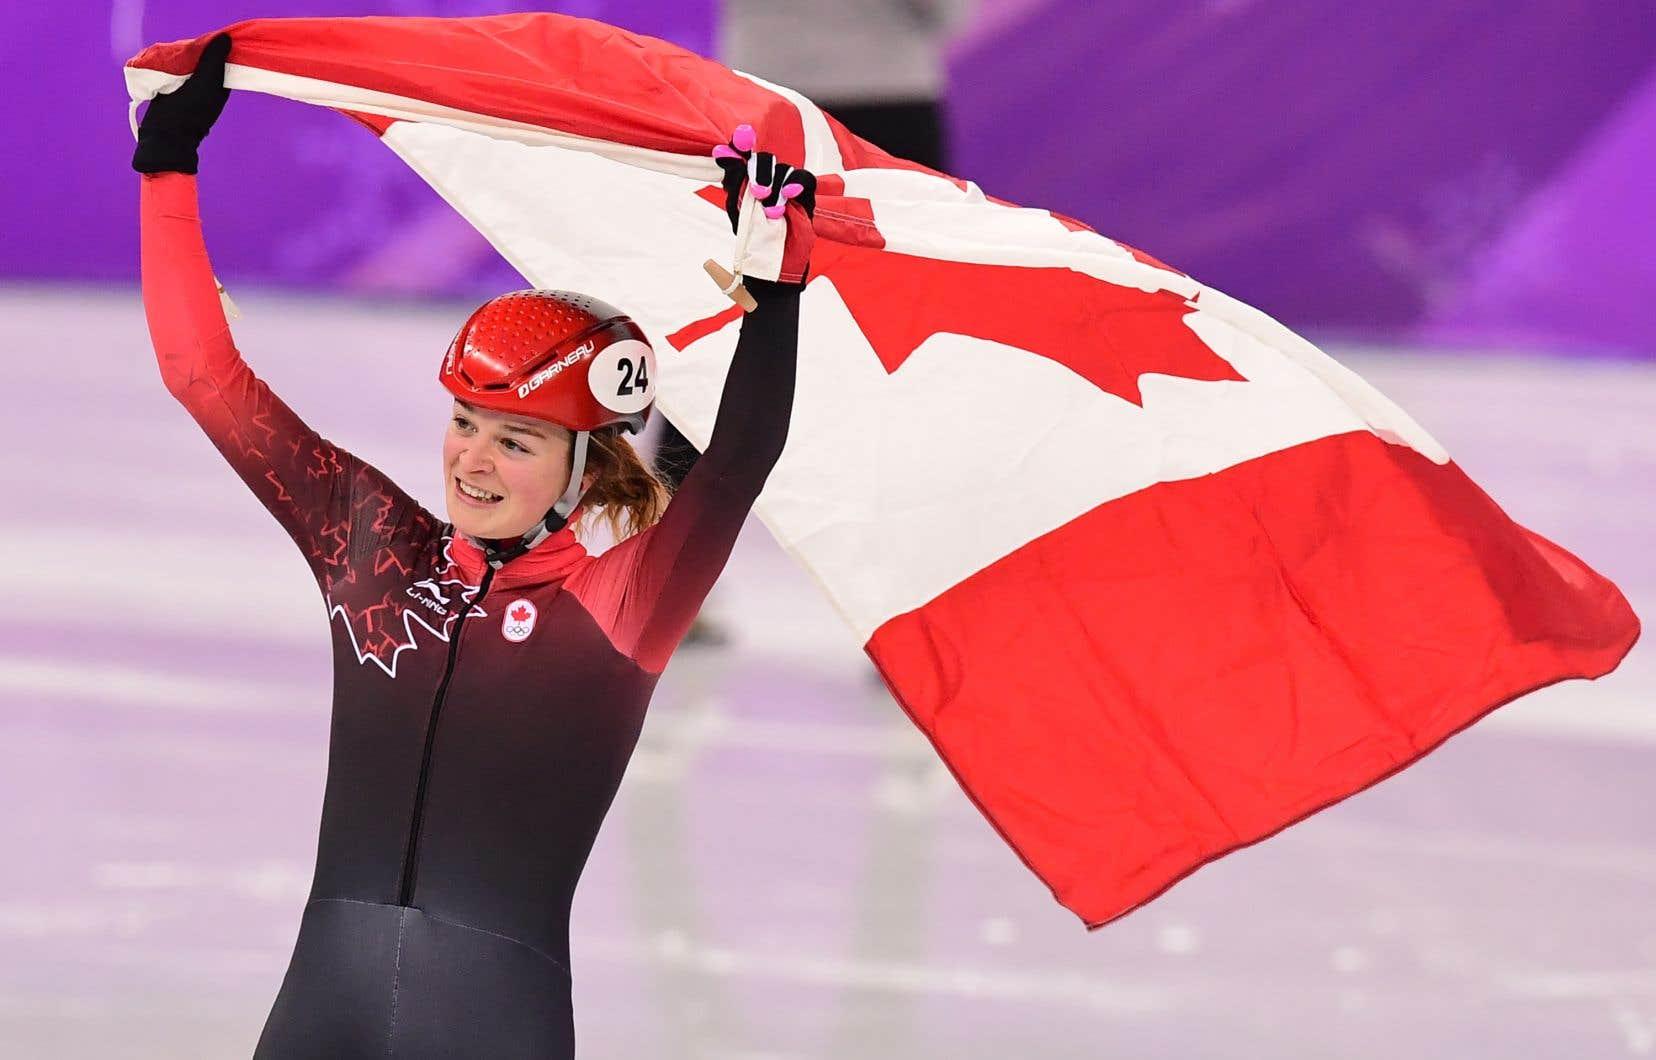 Kim Boutin, aux Jeux olympiques d'hiver de 2018